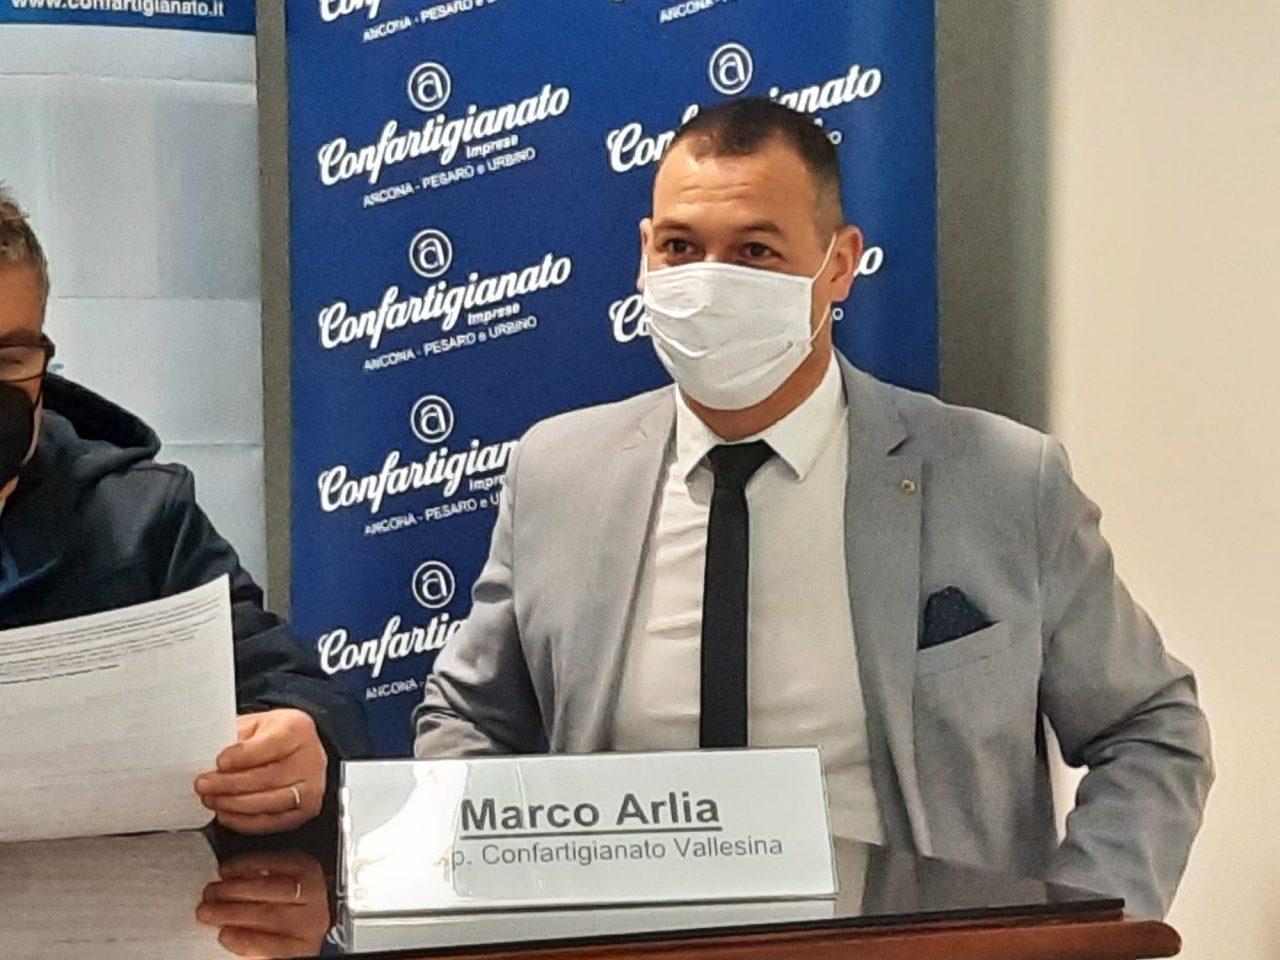 Marco Arlia confartigianato